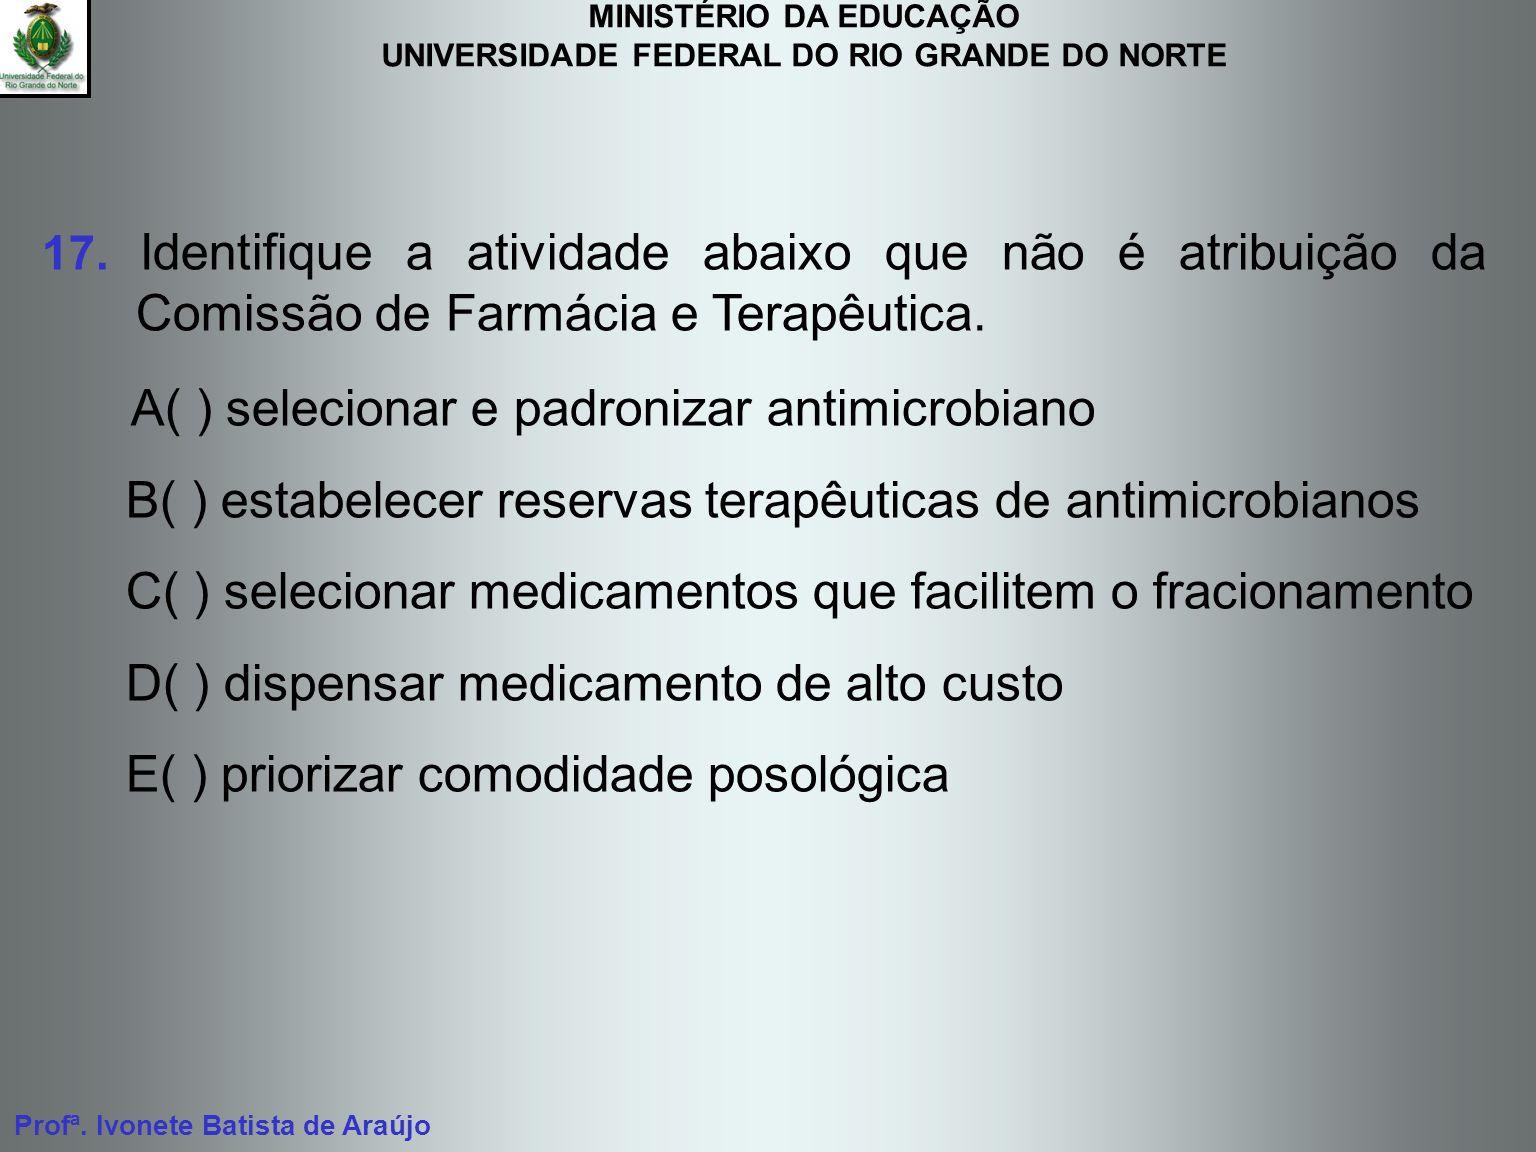 A( ) selecionar e padronizar antimicrobiano